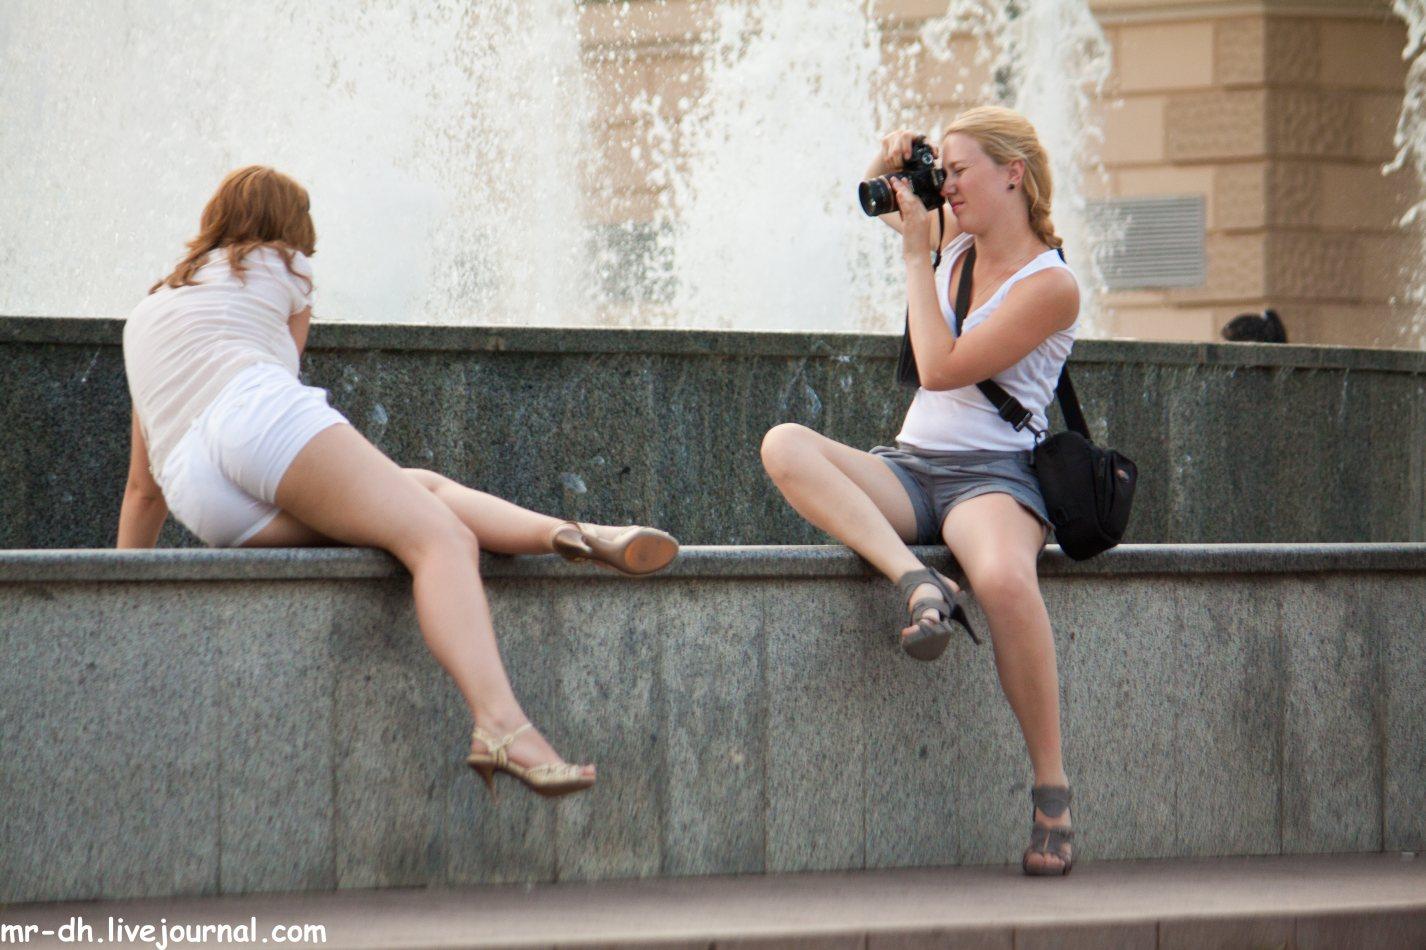 Сняли девушку за деньги на улице смотреть онлайн 6 фотография